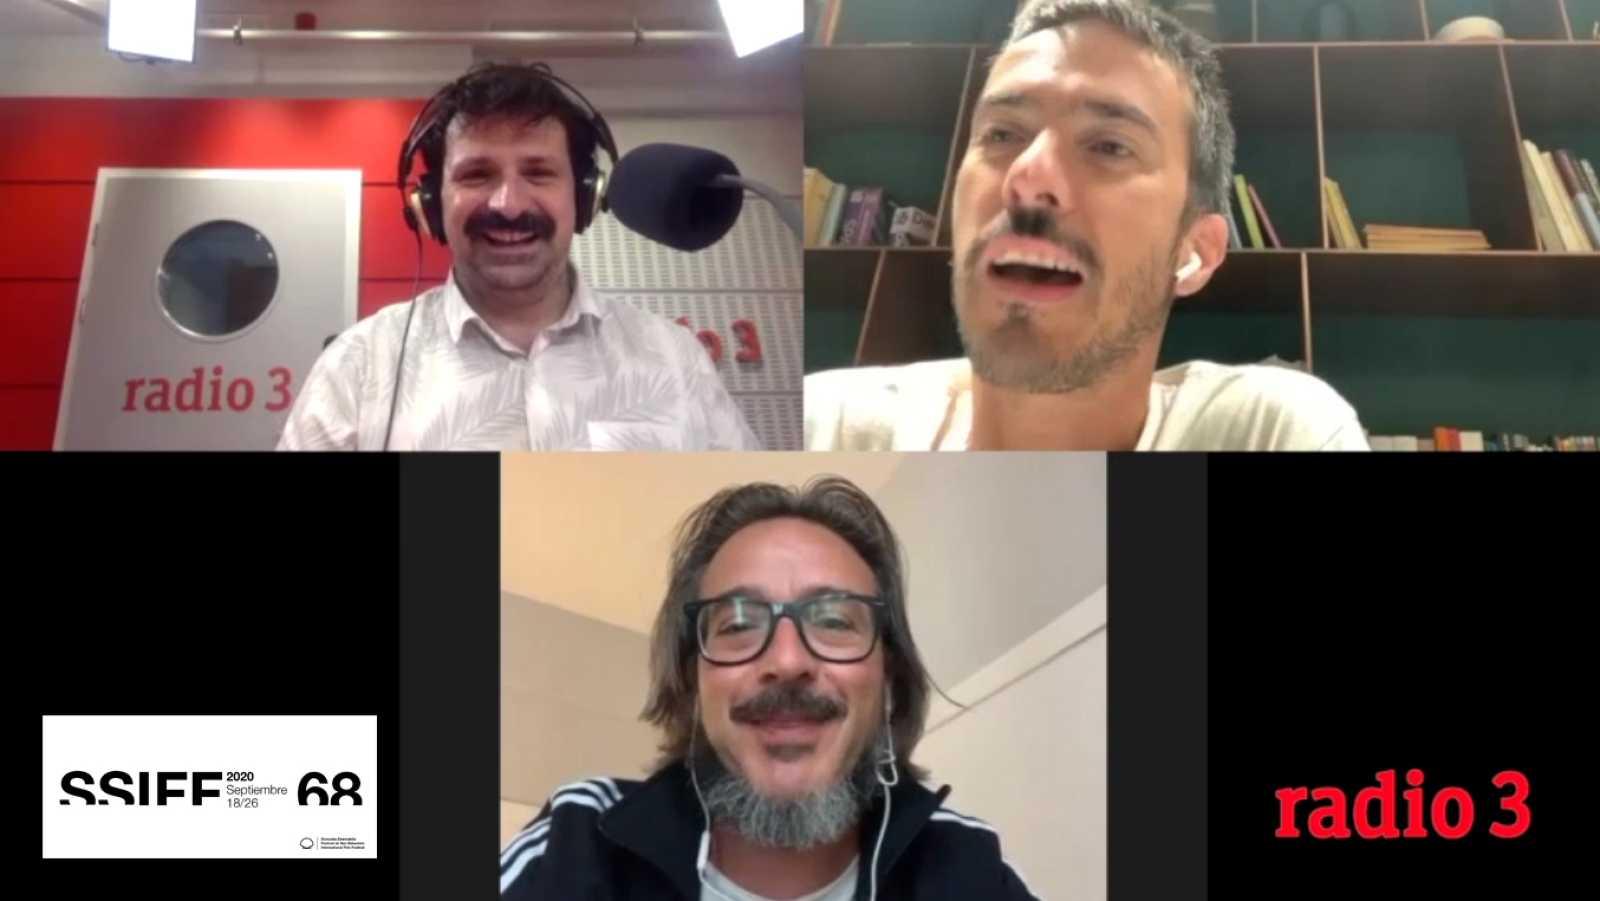 Hoy empieza todo con Ángel Carmona - Pucho & Page: Festival de San Sebastián - 22/09/20 - escuchar ahora